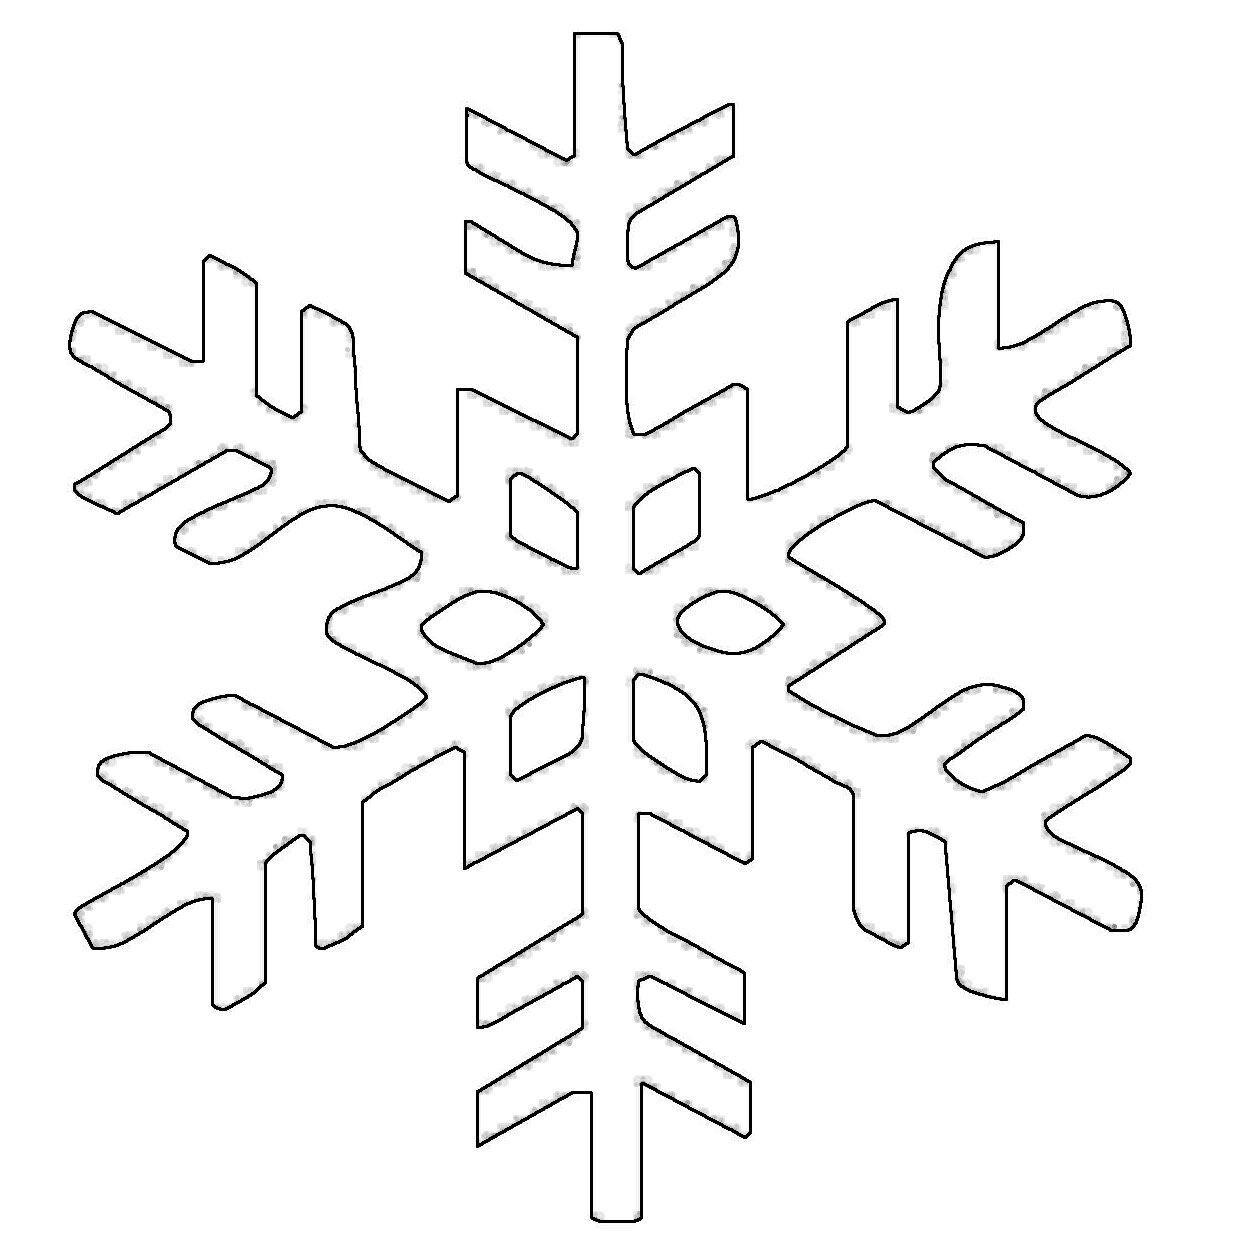 Ausmalbilder Schneeflocken  Ausmalbild Schneeflocken und Sterne Kostenlose Malvorlage